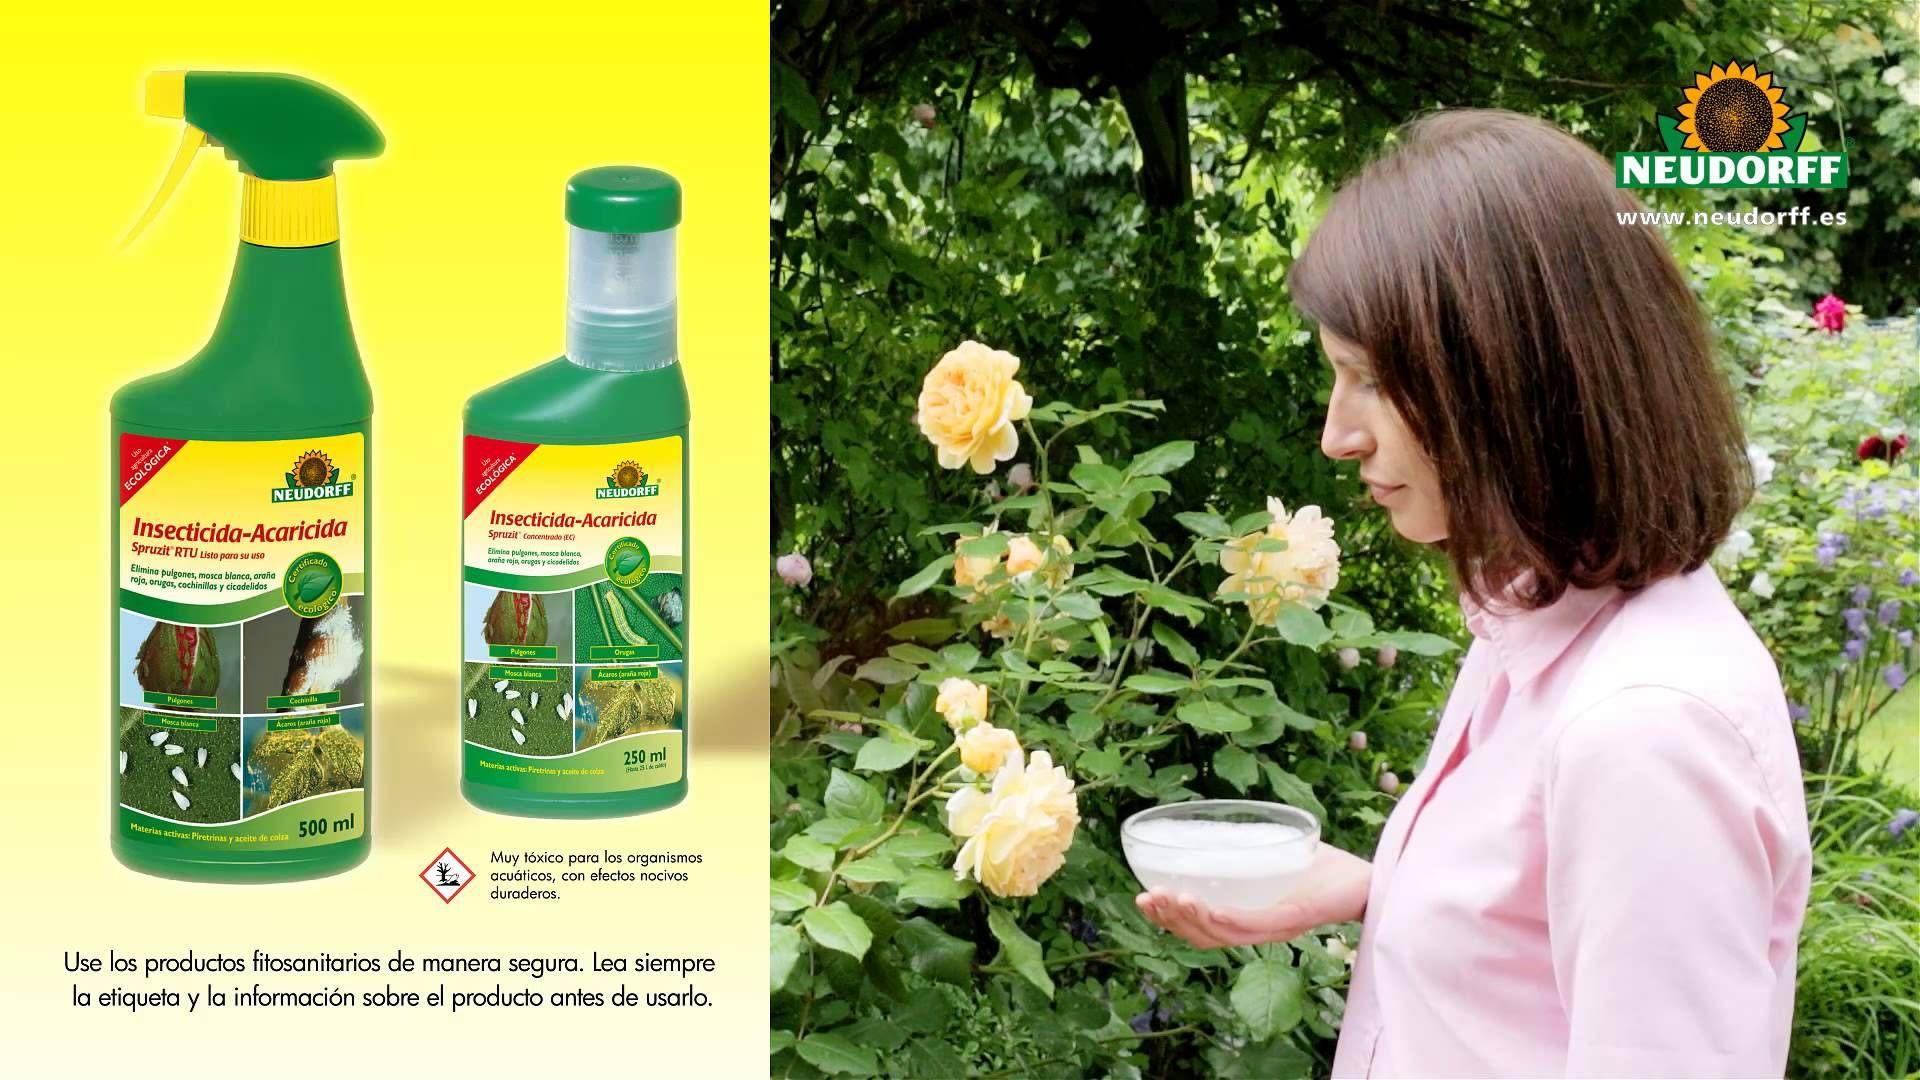 Descubre algunos trucos para ahuyentar a los insectos que - Plantas ahuyenta insectos ...